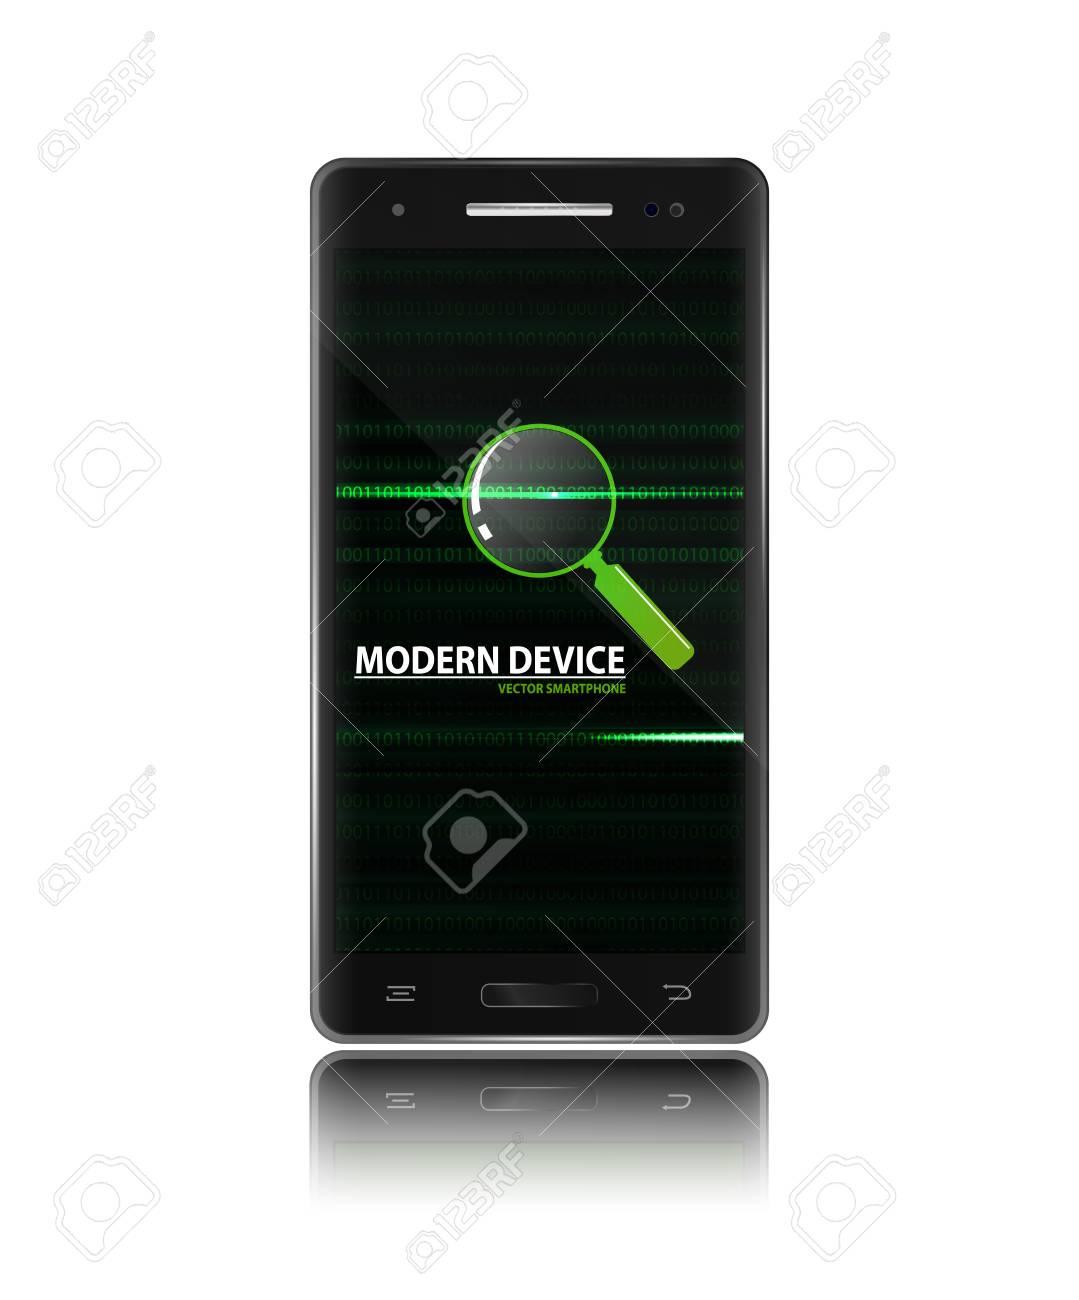 Tester ma carte SIM sur un autre mobile